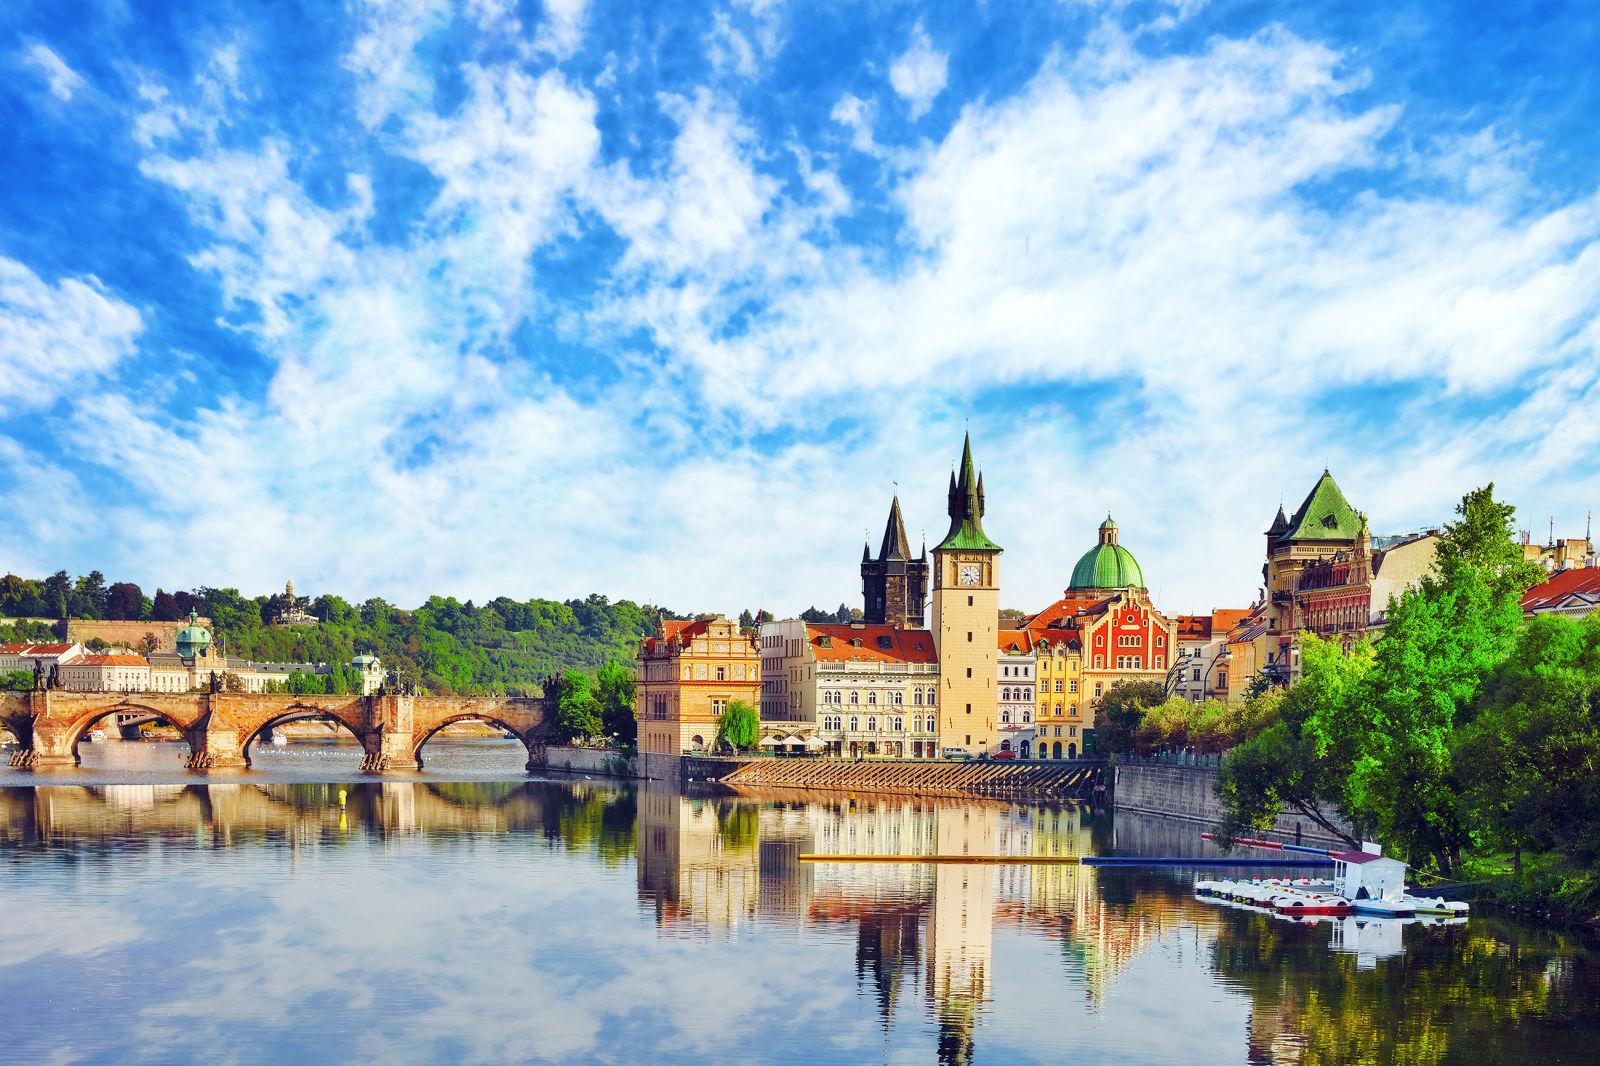 Altstadt von Prag an einem Fluss